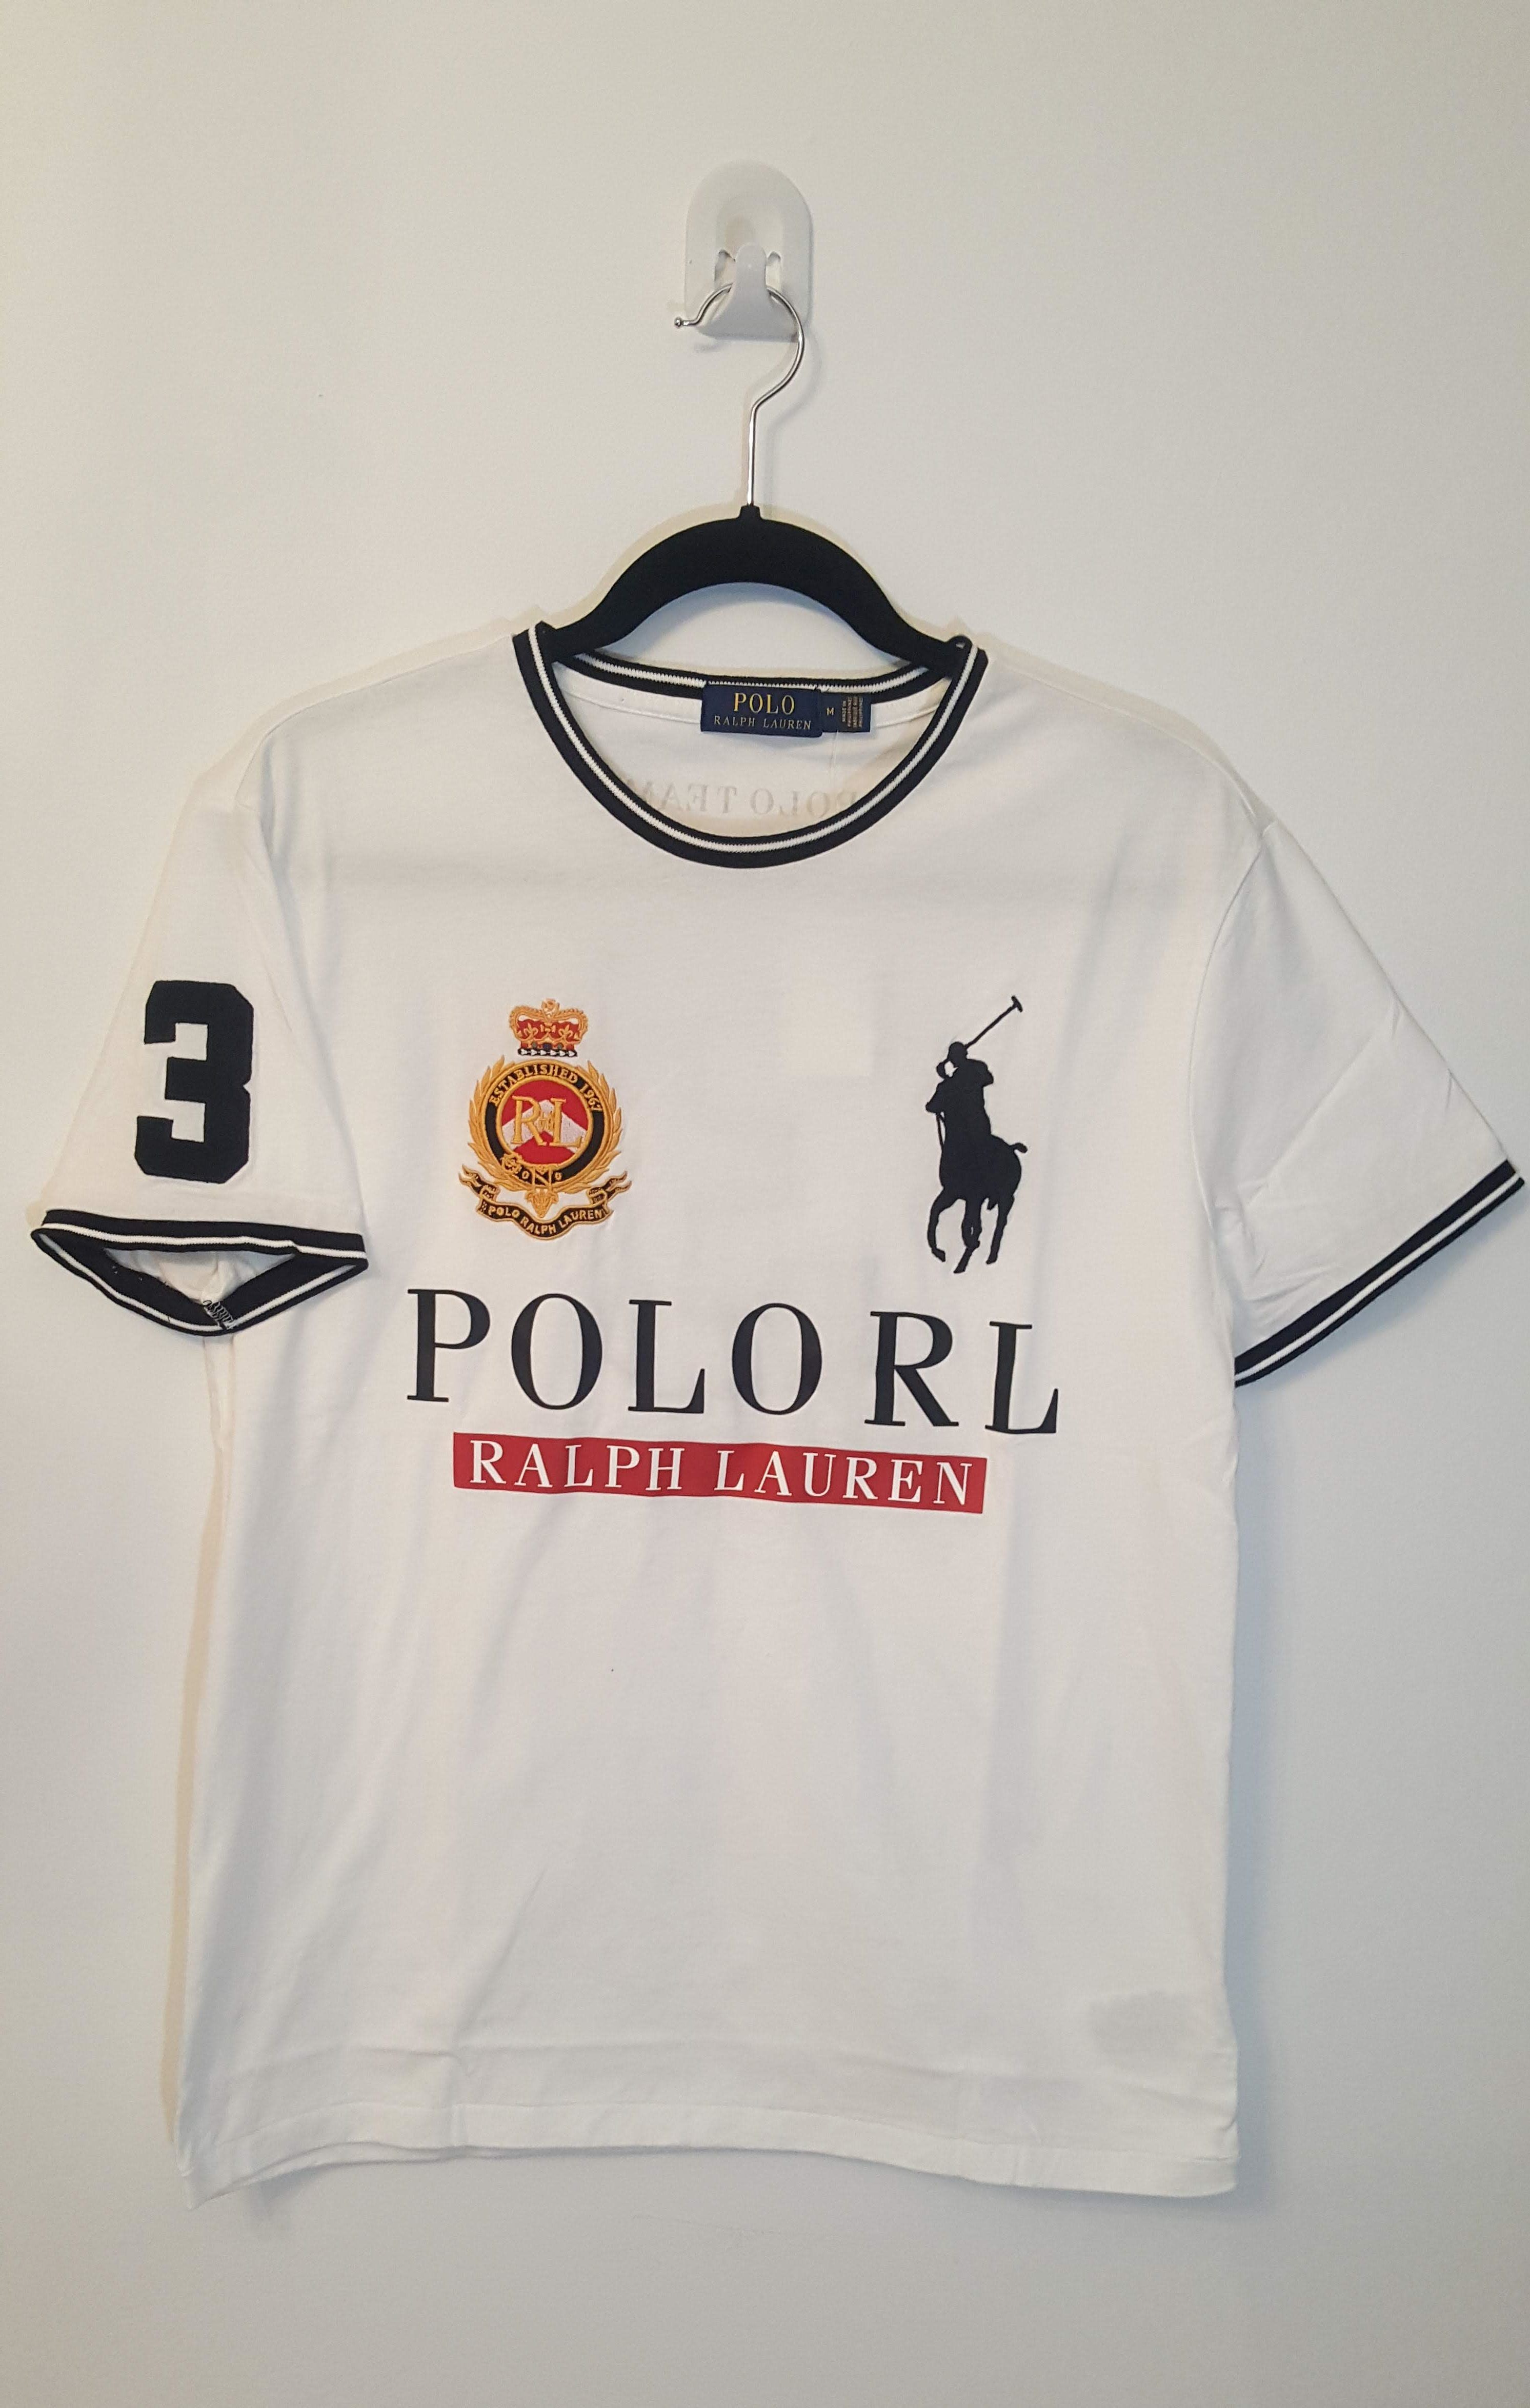 38de338fe NWT Polo Ralph Lauren Men T-Shirt RL POLO Crewneck Size M